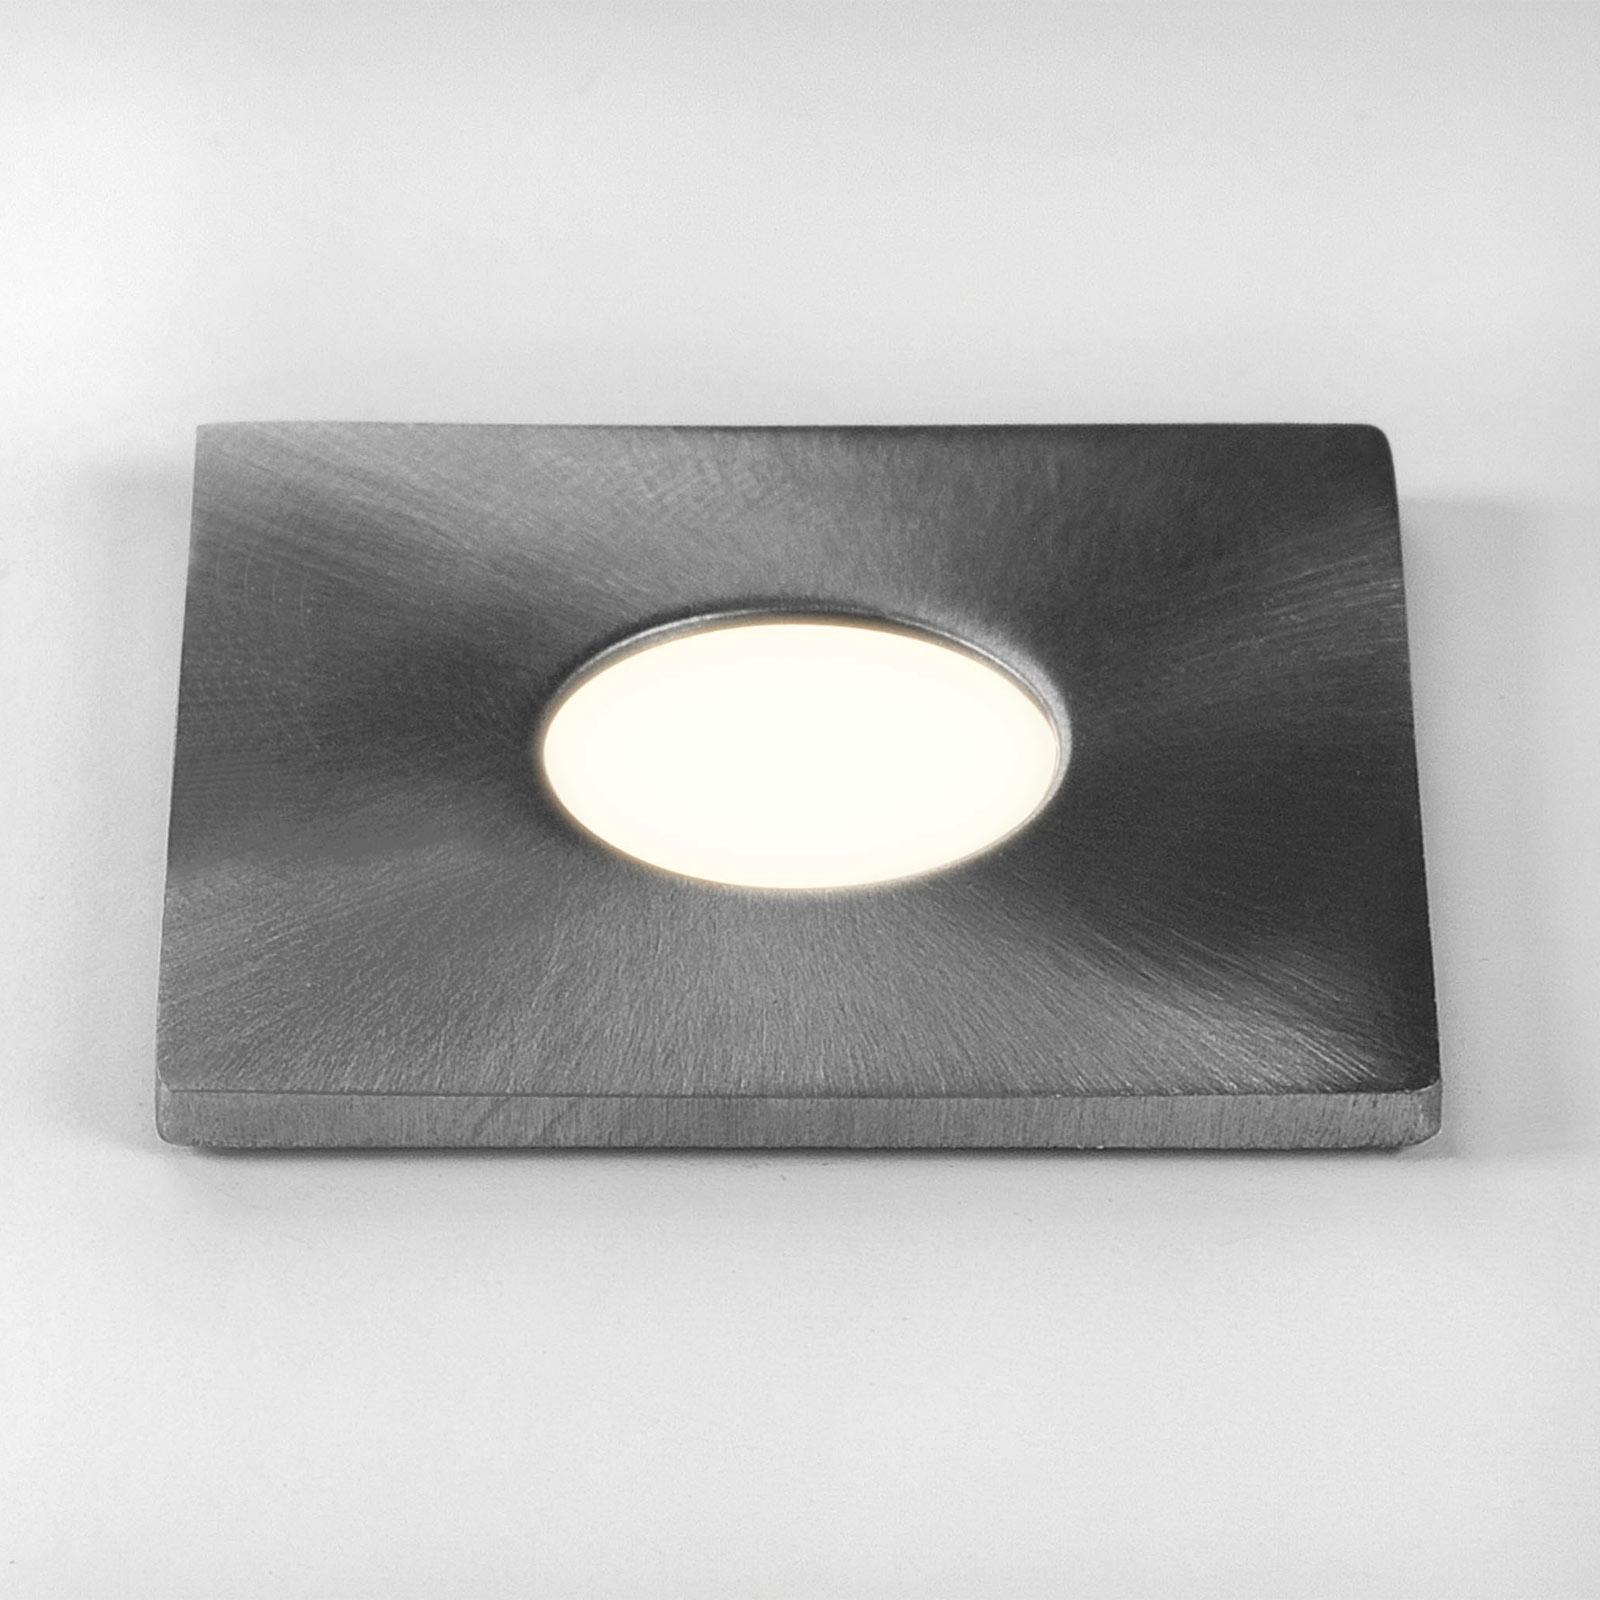 Astro Terra 28 Square LED inbouwlamp, IP65